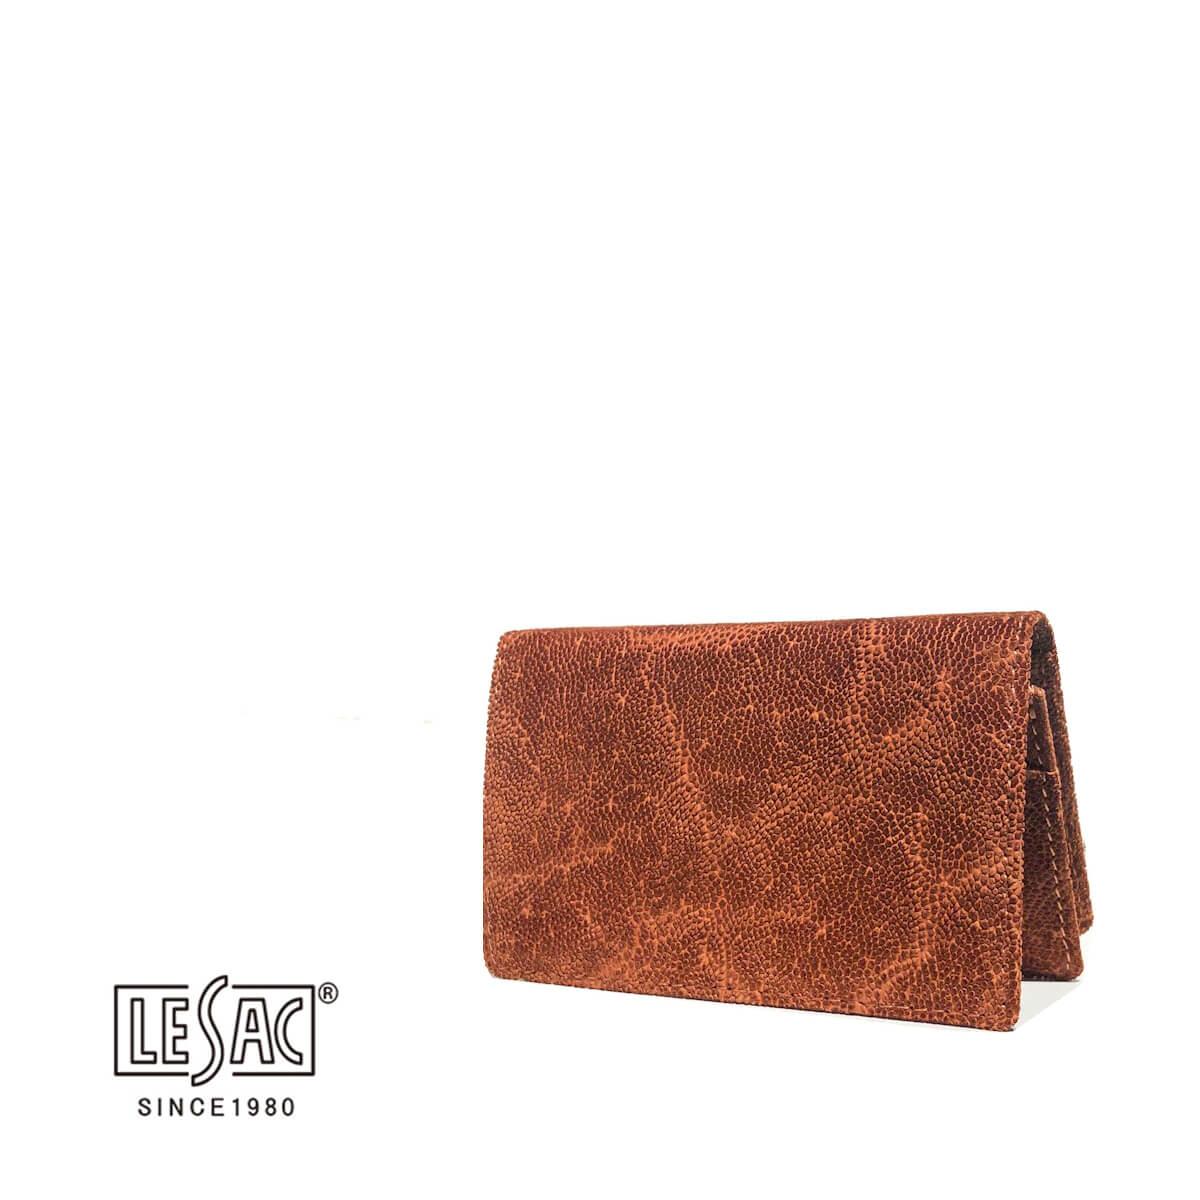 LE'SAC(レザック)レザック 名刺入れ カードケース エレファント ゾウ革 本革 一枚革 無双 ブランド